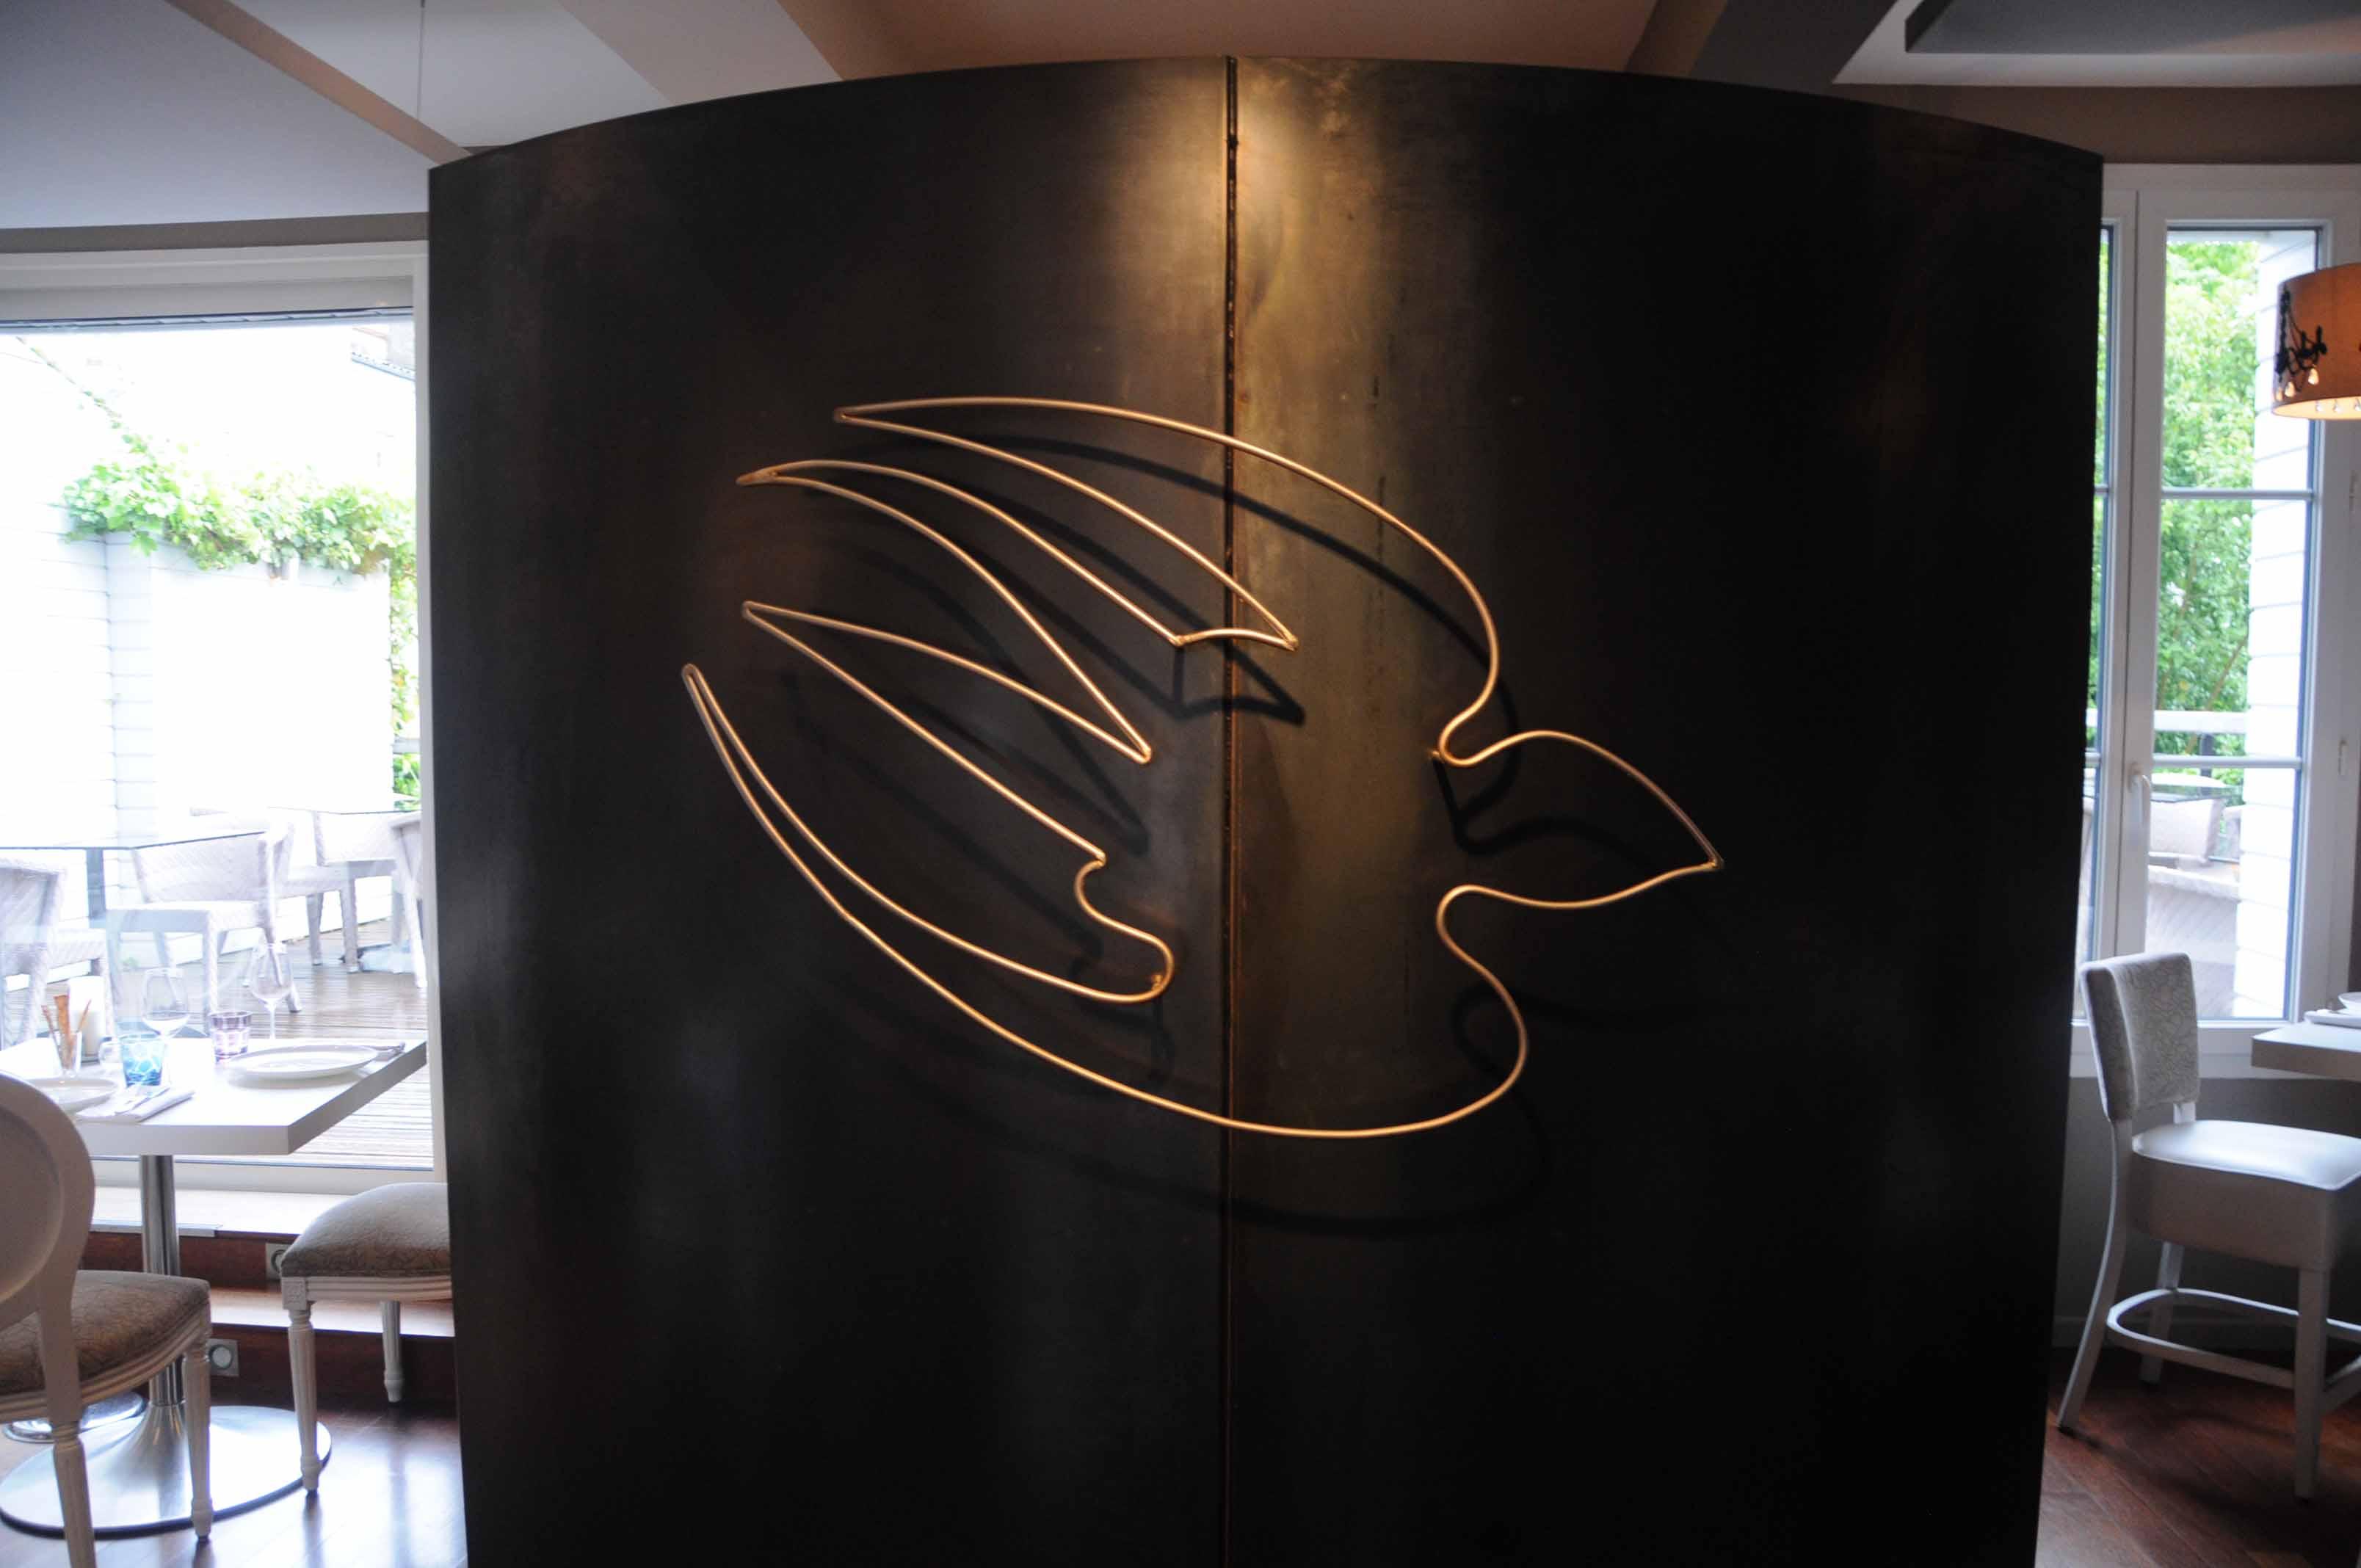 Dîner au restaurant l'Oiseau Bleu à Bordeaux... avec l'ami Pierrot!